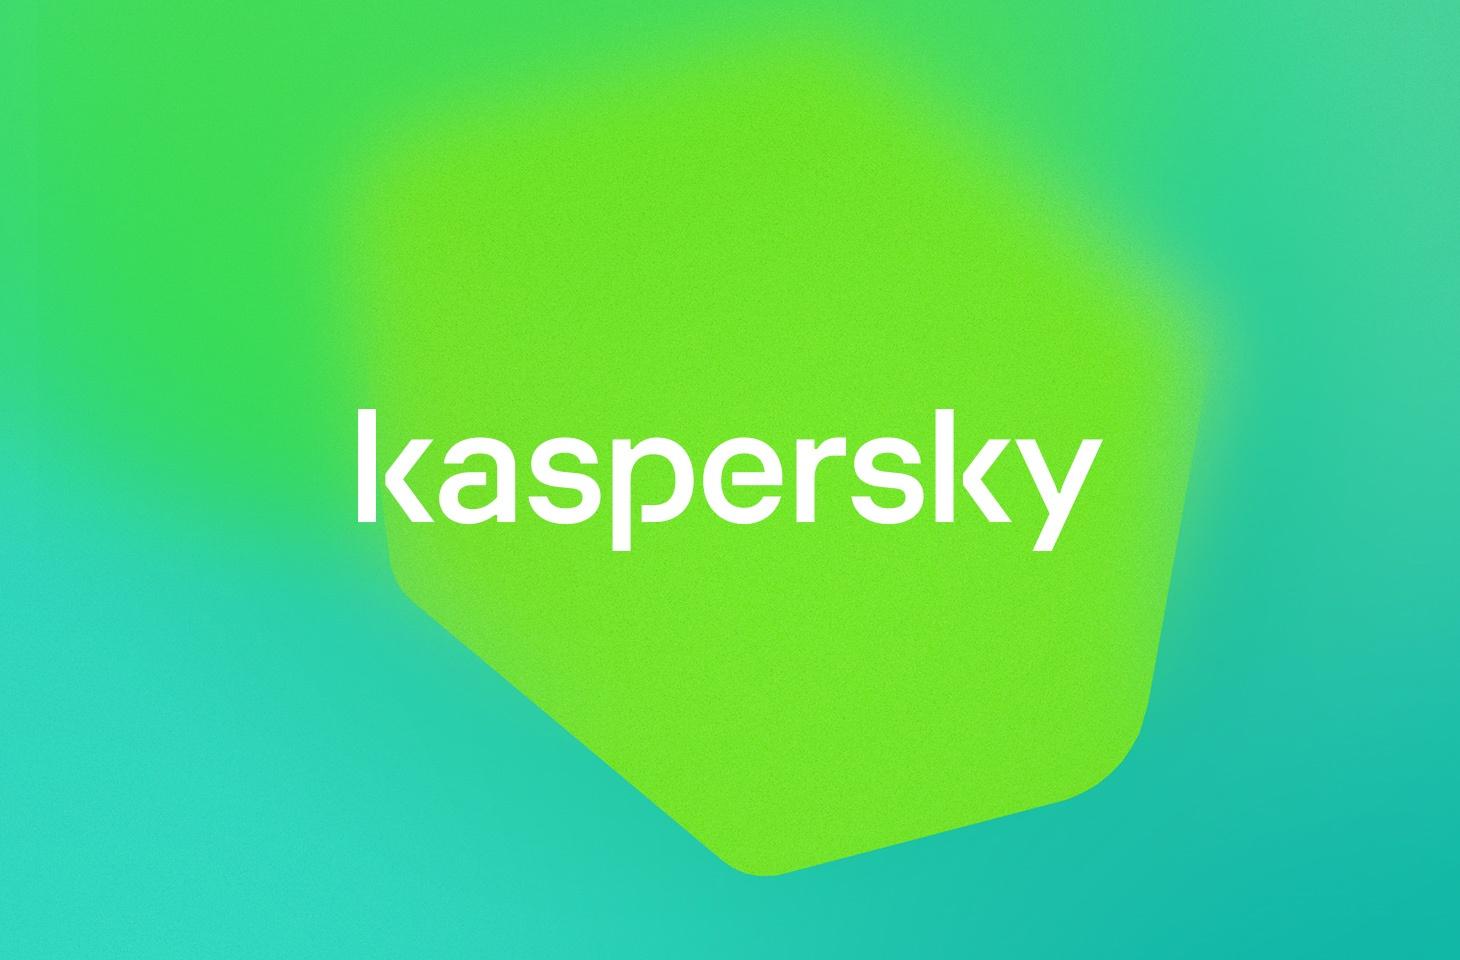 Kaspersky etablerar ny lokal organisation i Sverige